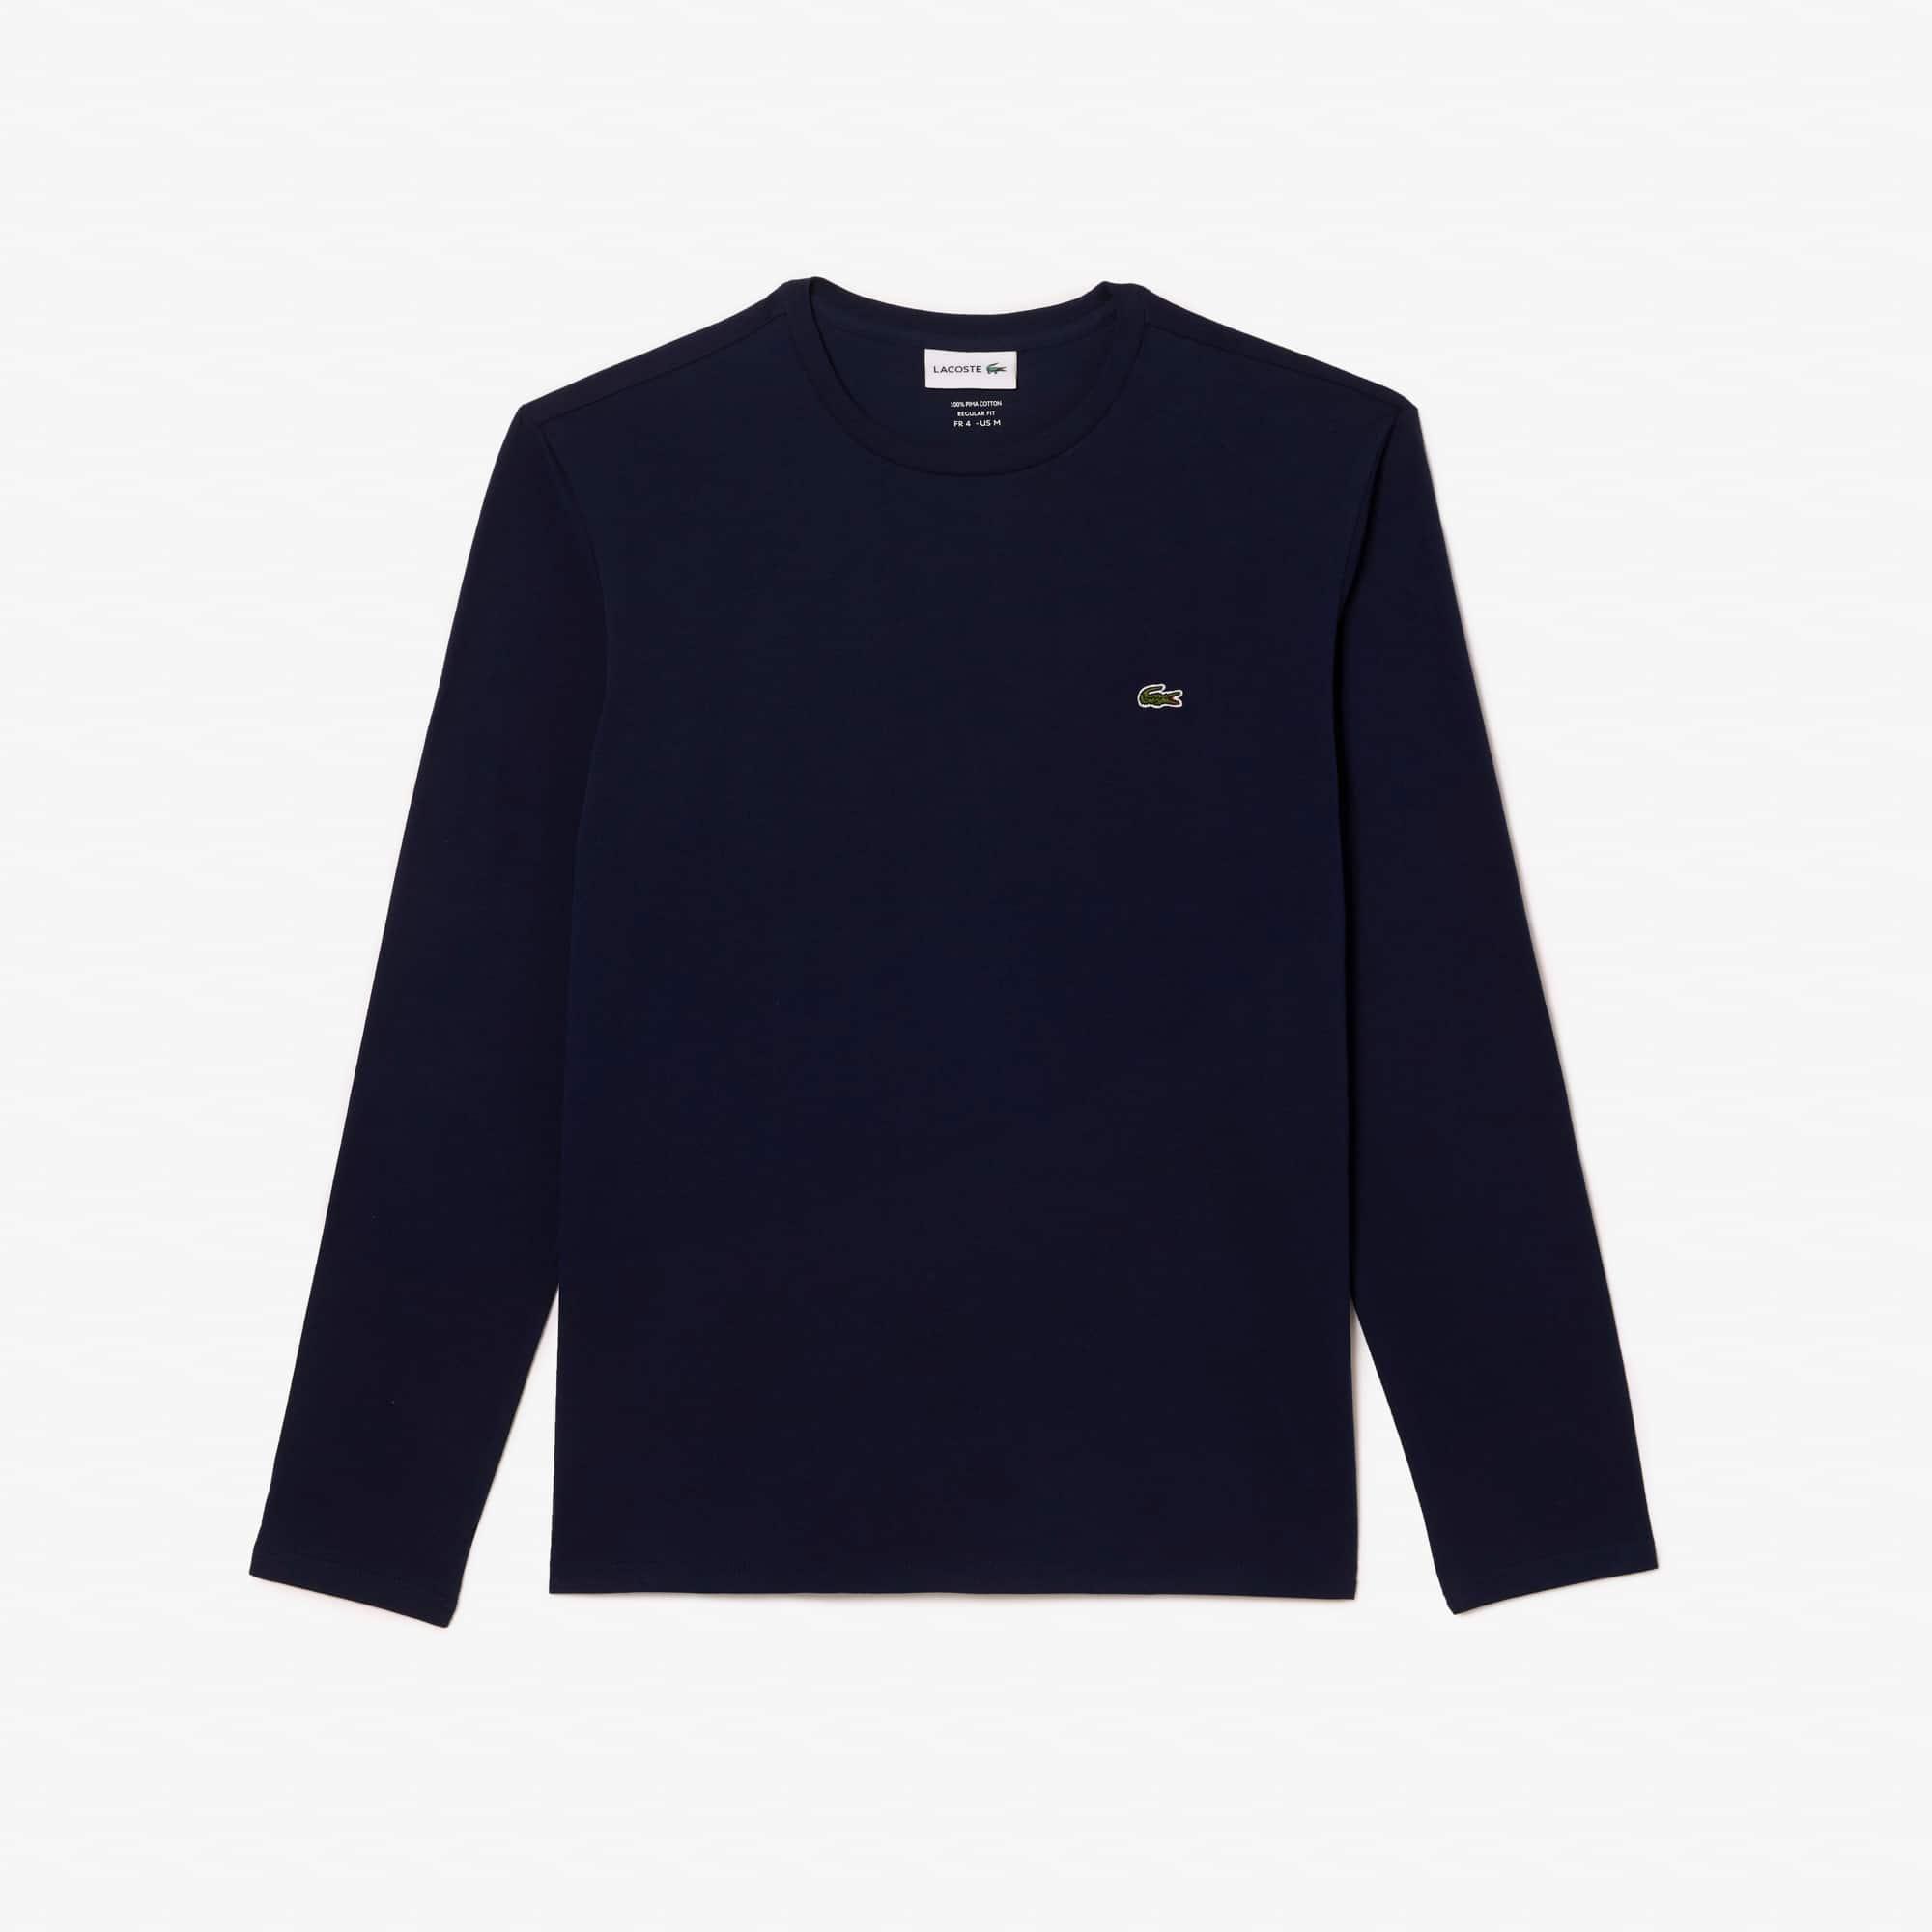 Lacoste - T-shirt col rond en jersey de coton pima uni - 3